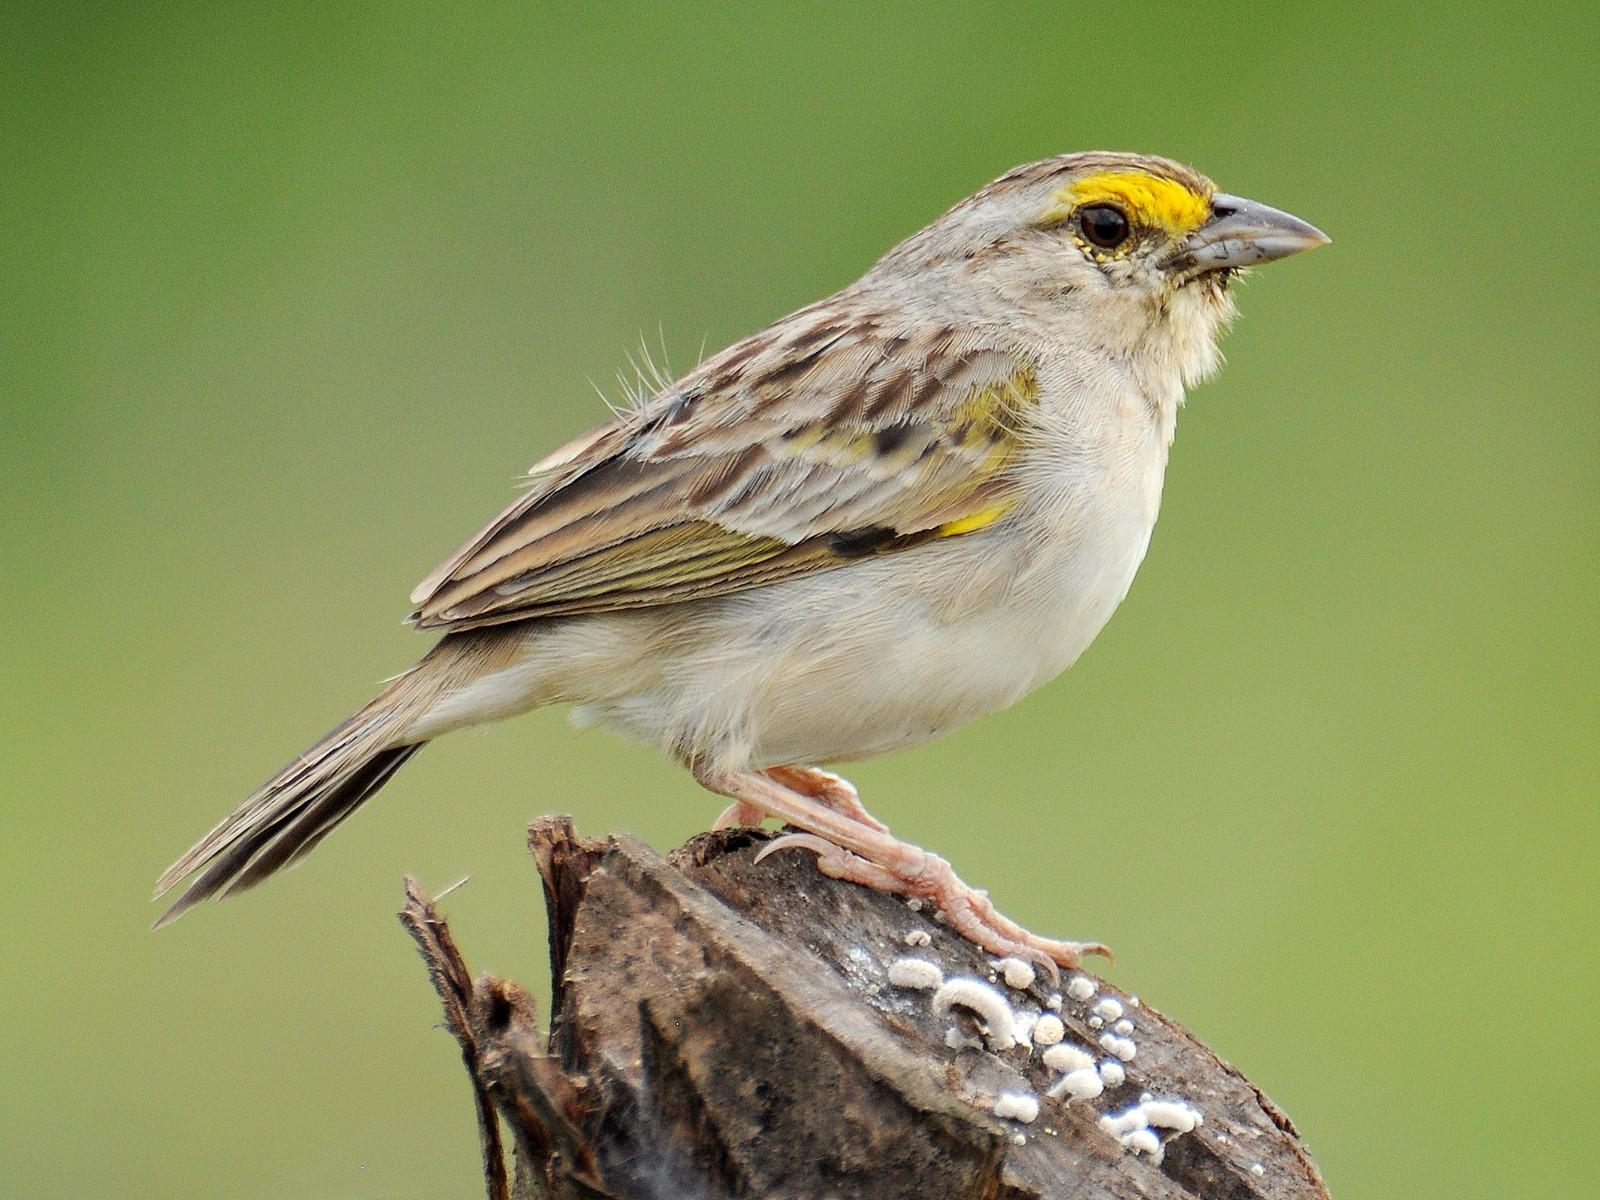 Yellow-browed Sparrow - Diana Flora Padron Novoa